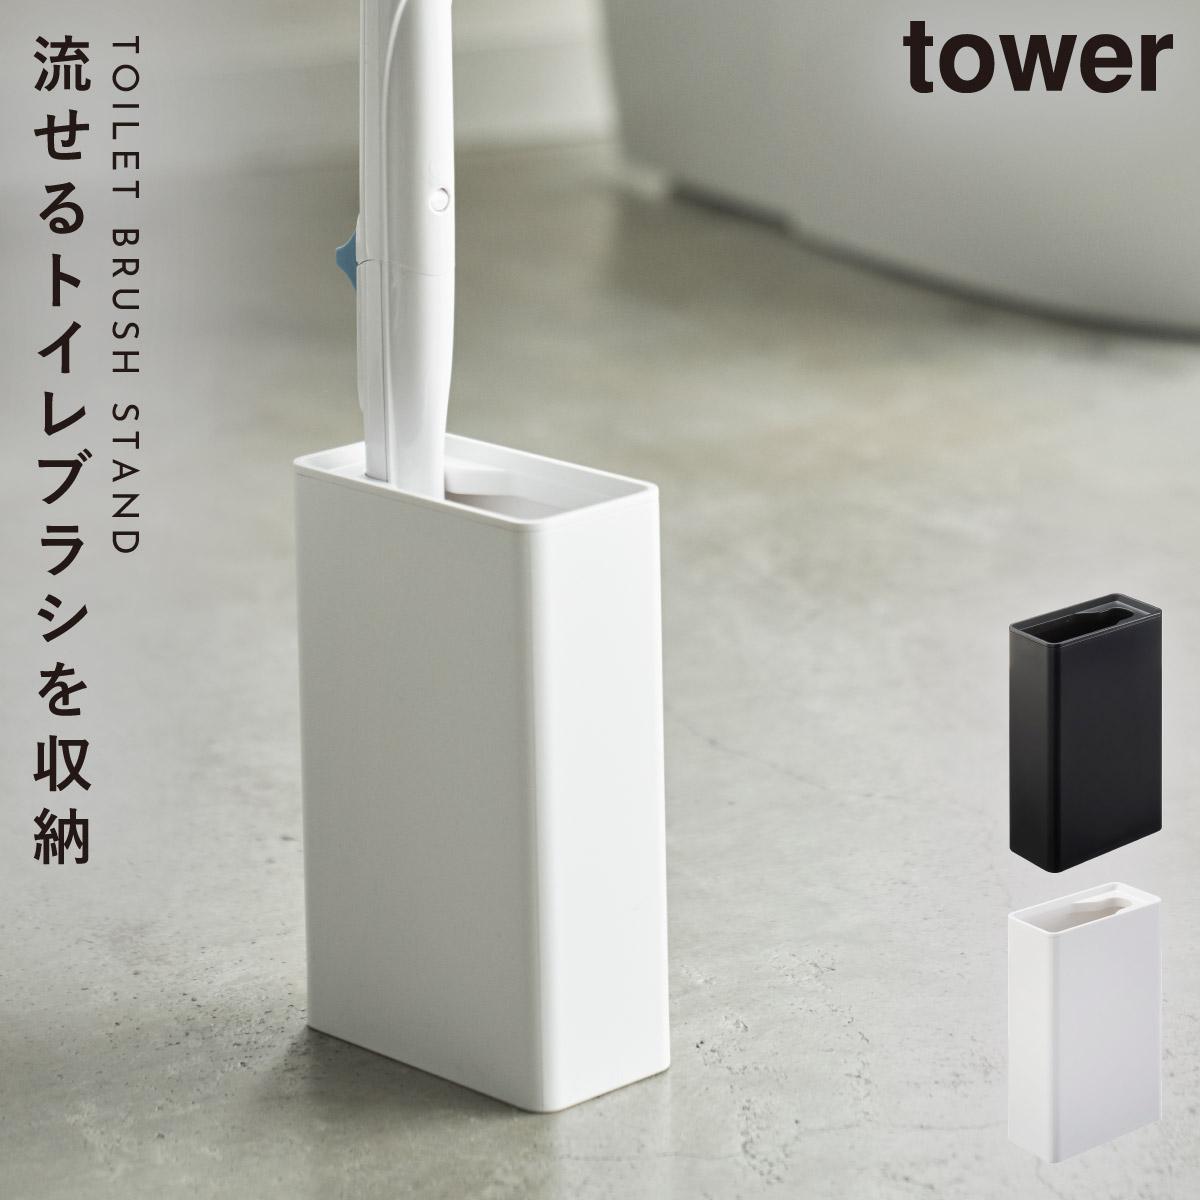 トイレブラシのハンドルをすっきりスリムに収納できるスタンド トイレブラシ 使い捨て 安い !超美品再入荷品質至上! 流せるトイレブラシ 収納 スタンド トイレ 流せるトイレブラシスタンド タワー tower yamazaki 山崎実業 ブラック シンプル ホワイト